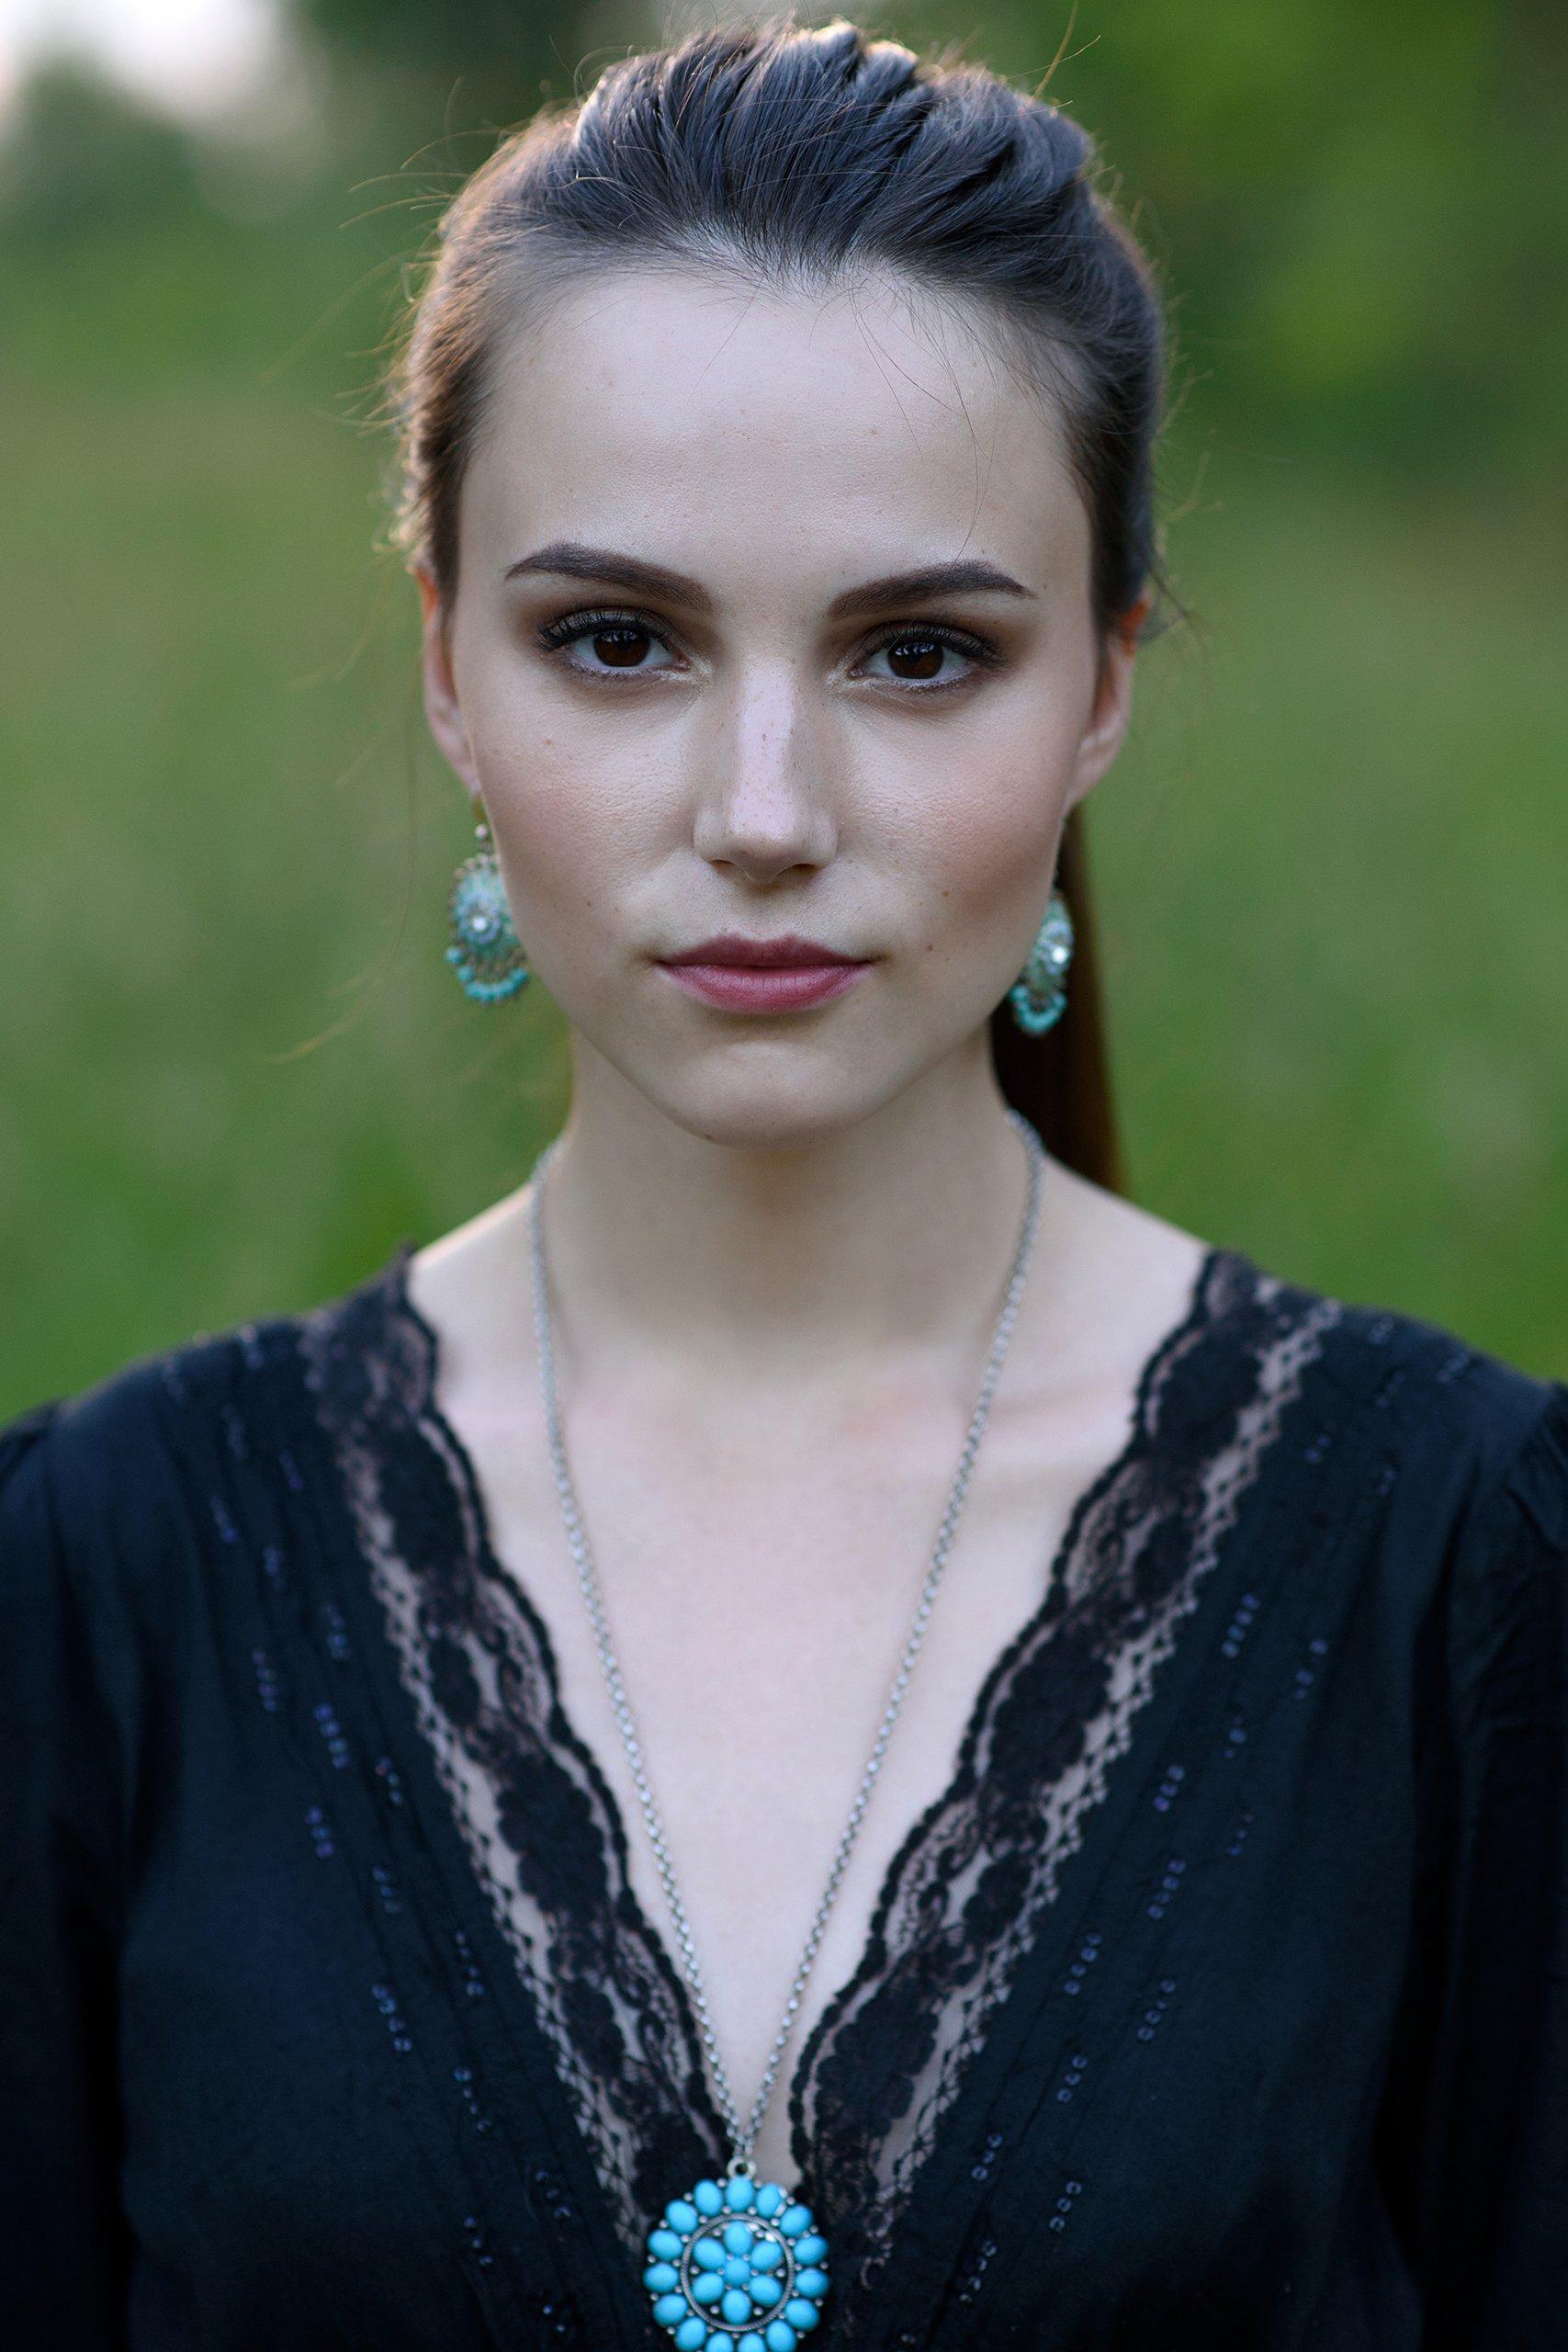 Портрет, portrait, Nikon, D750, Александр Макушин